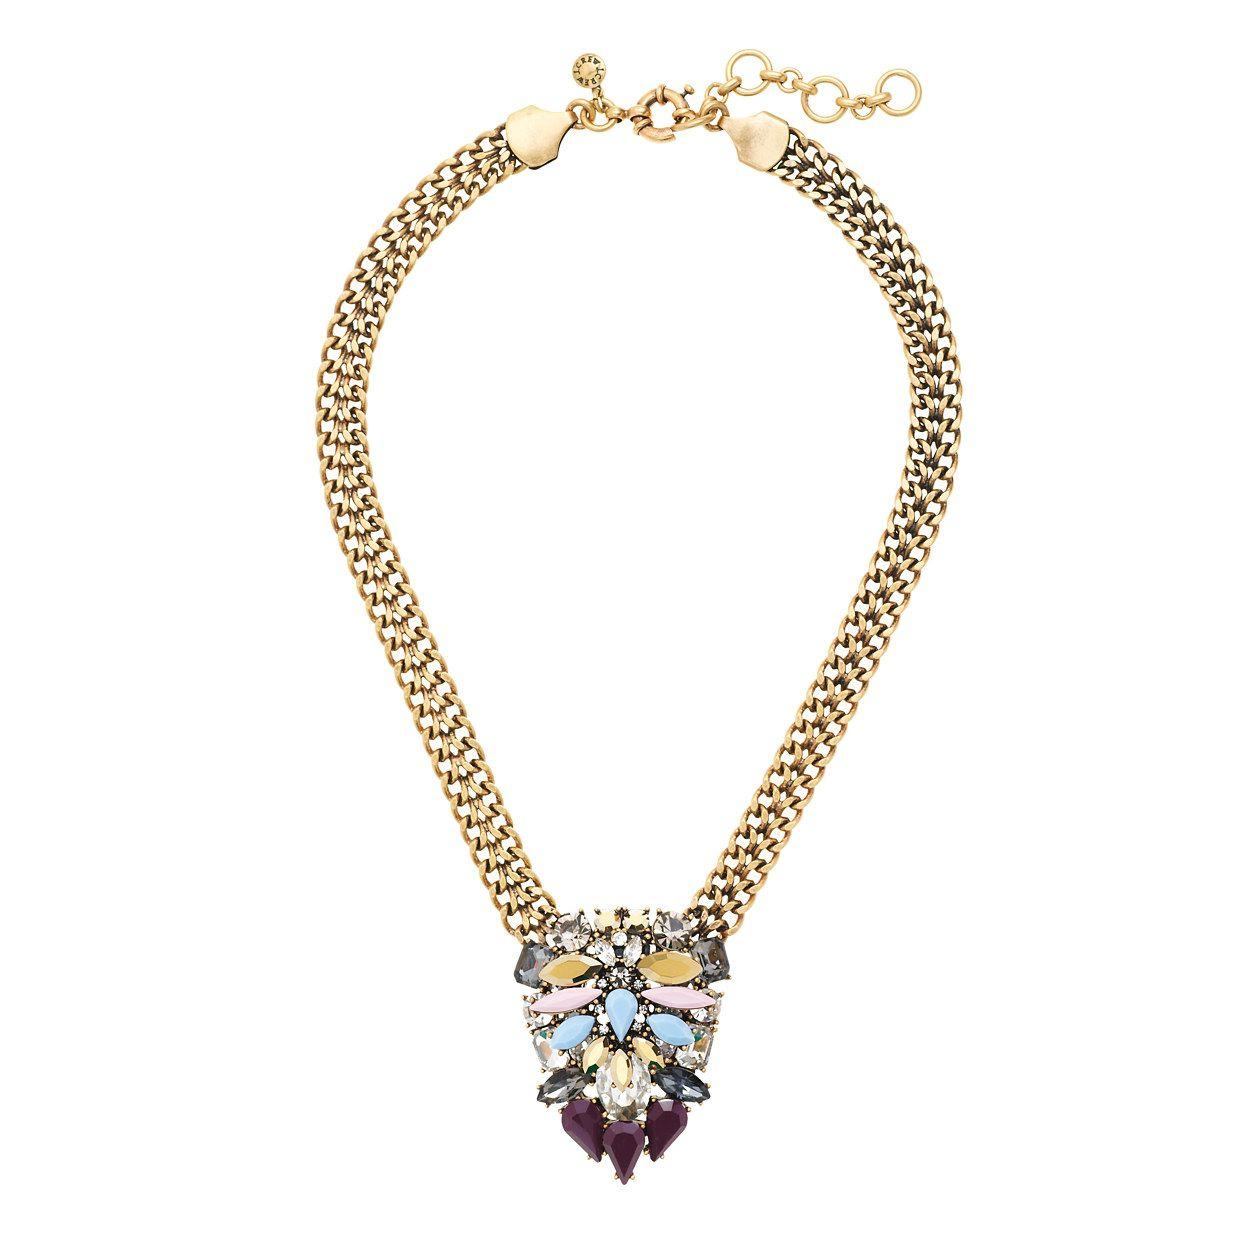 Crystal pendant necklace necklaces jcrew fashion pinterest